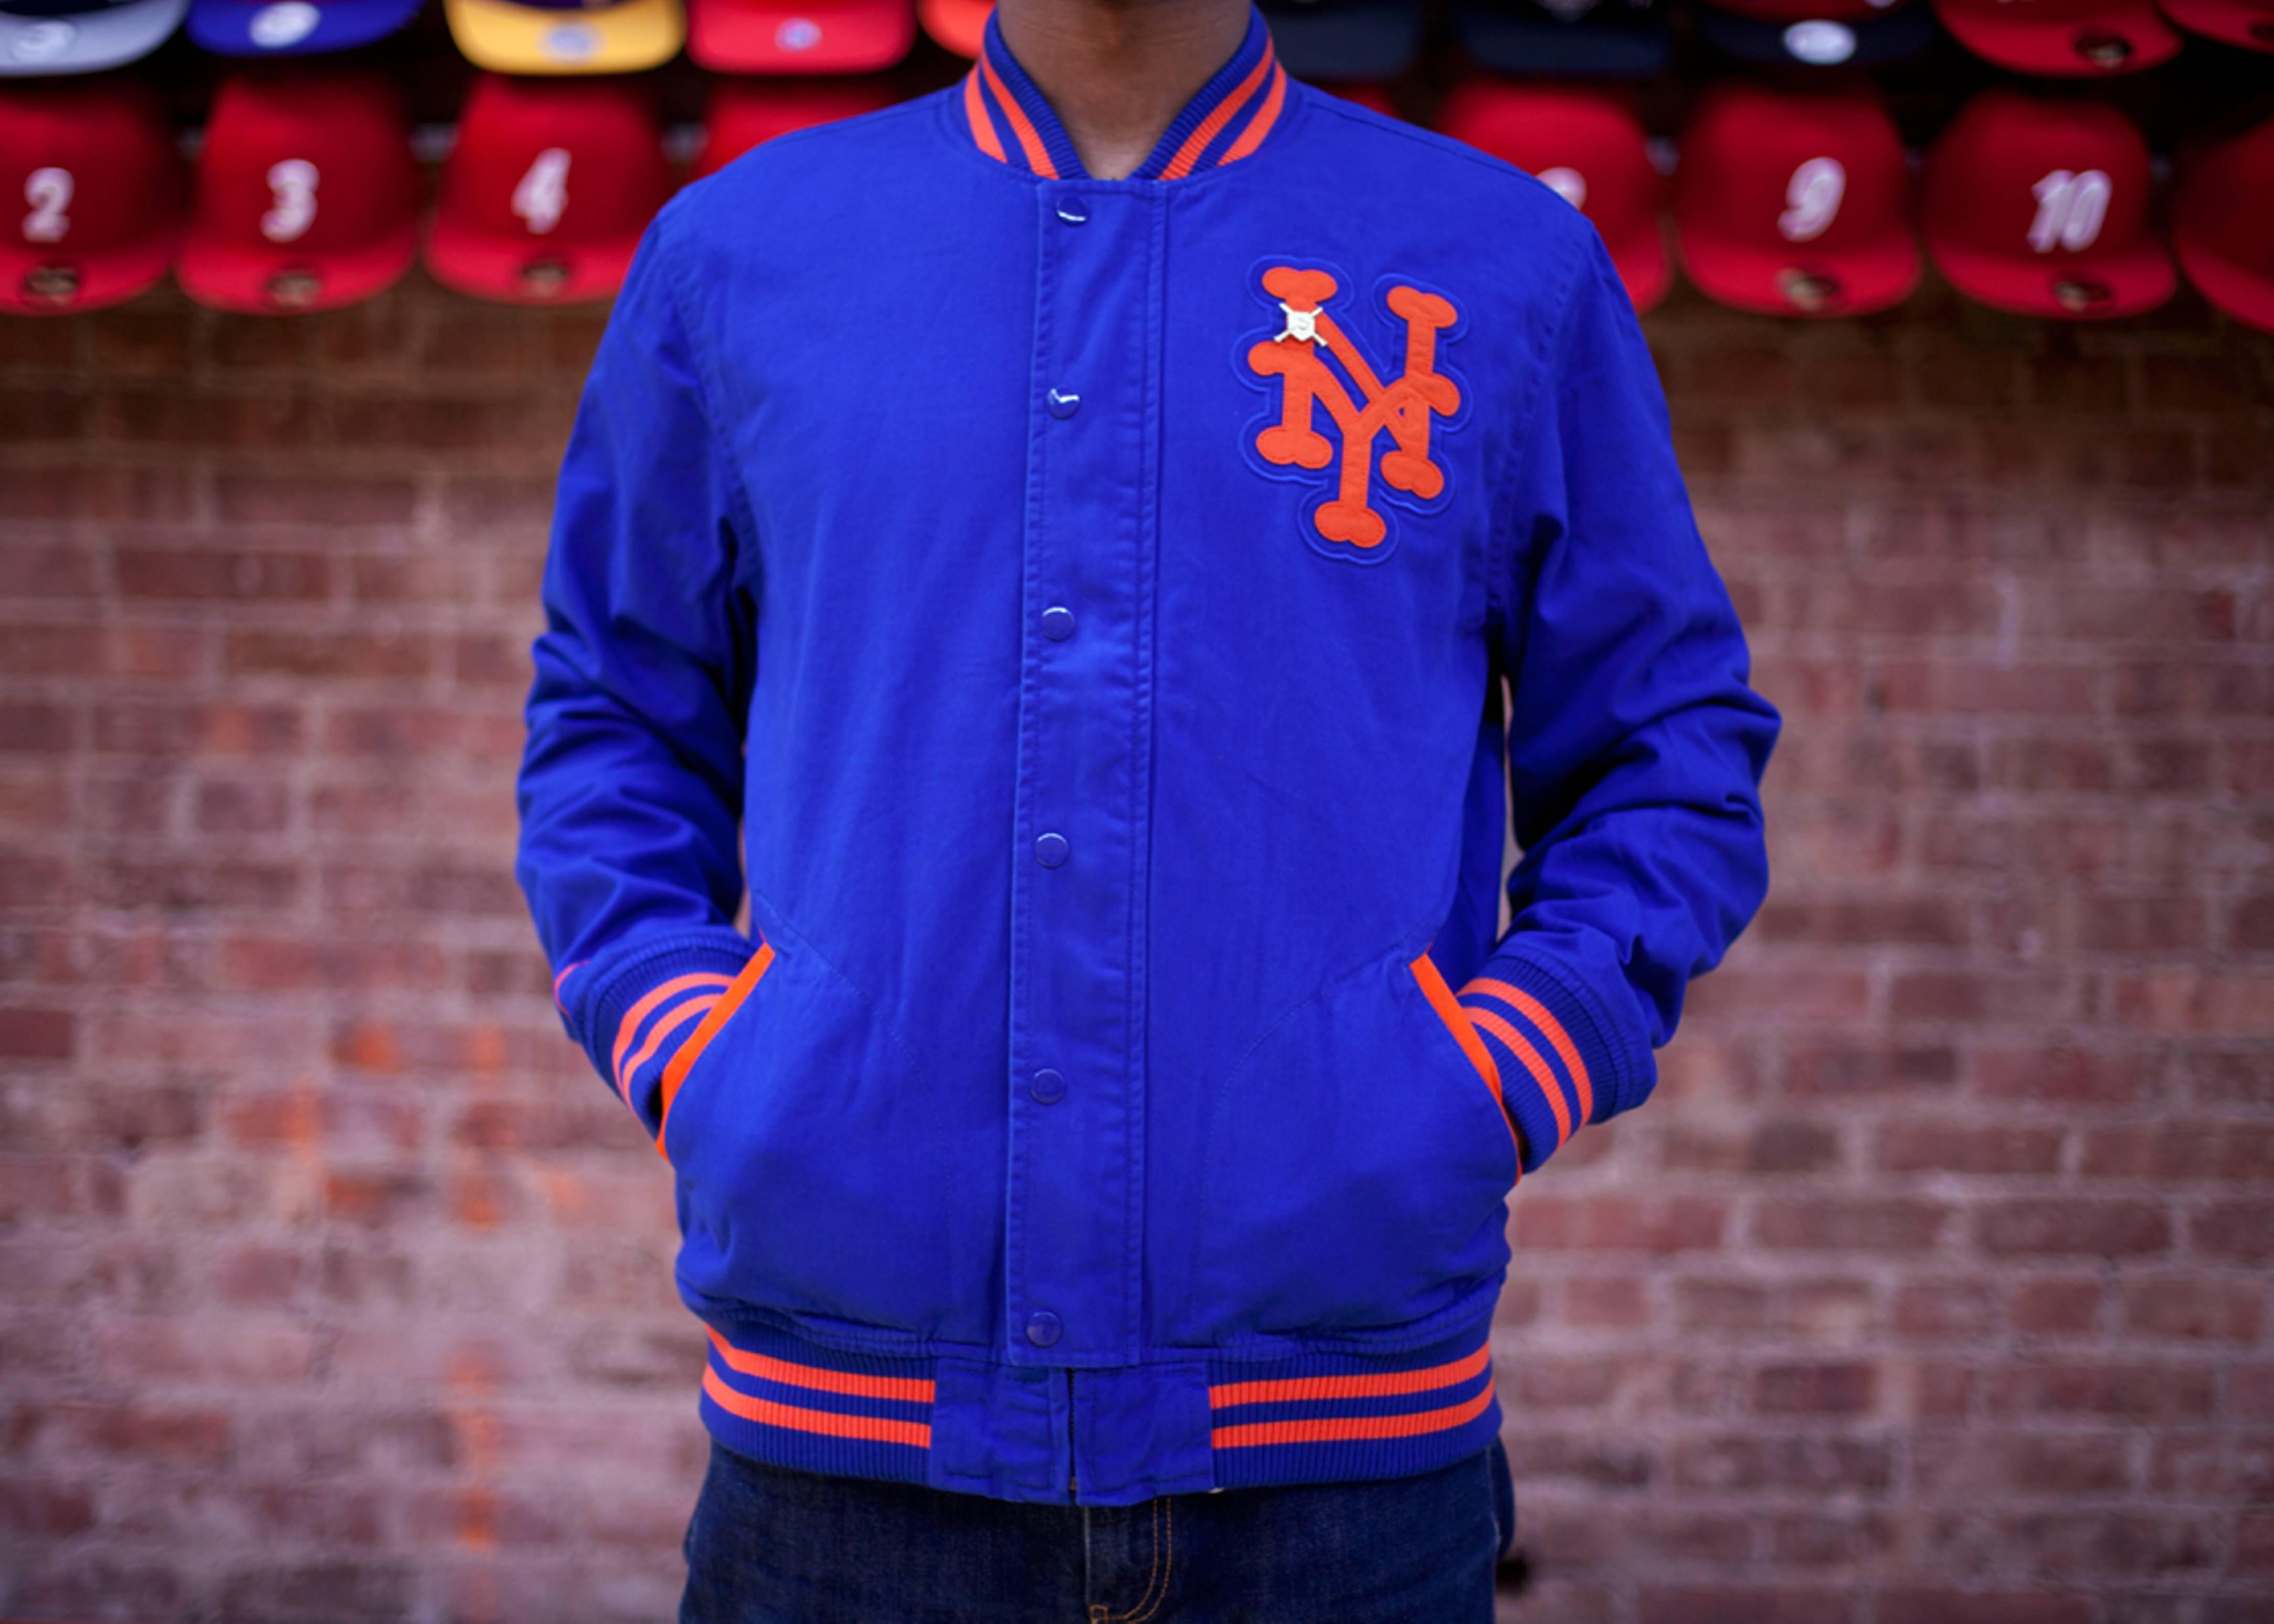 new york mets vintage twill jacket